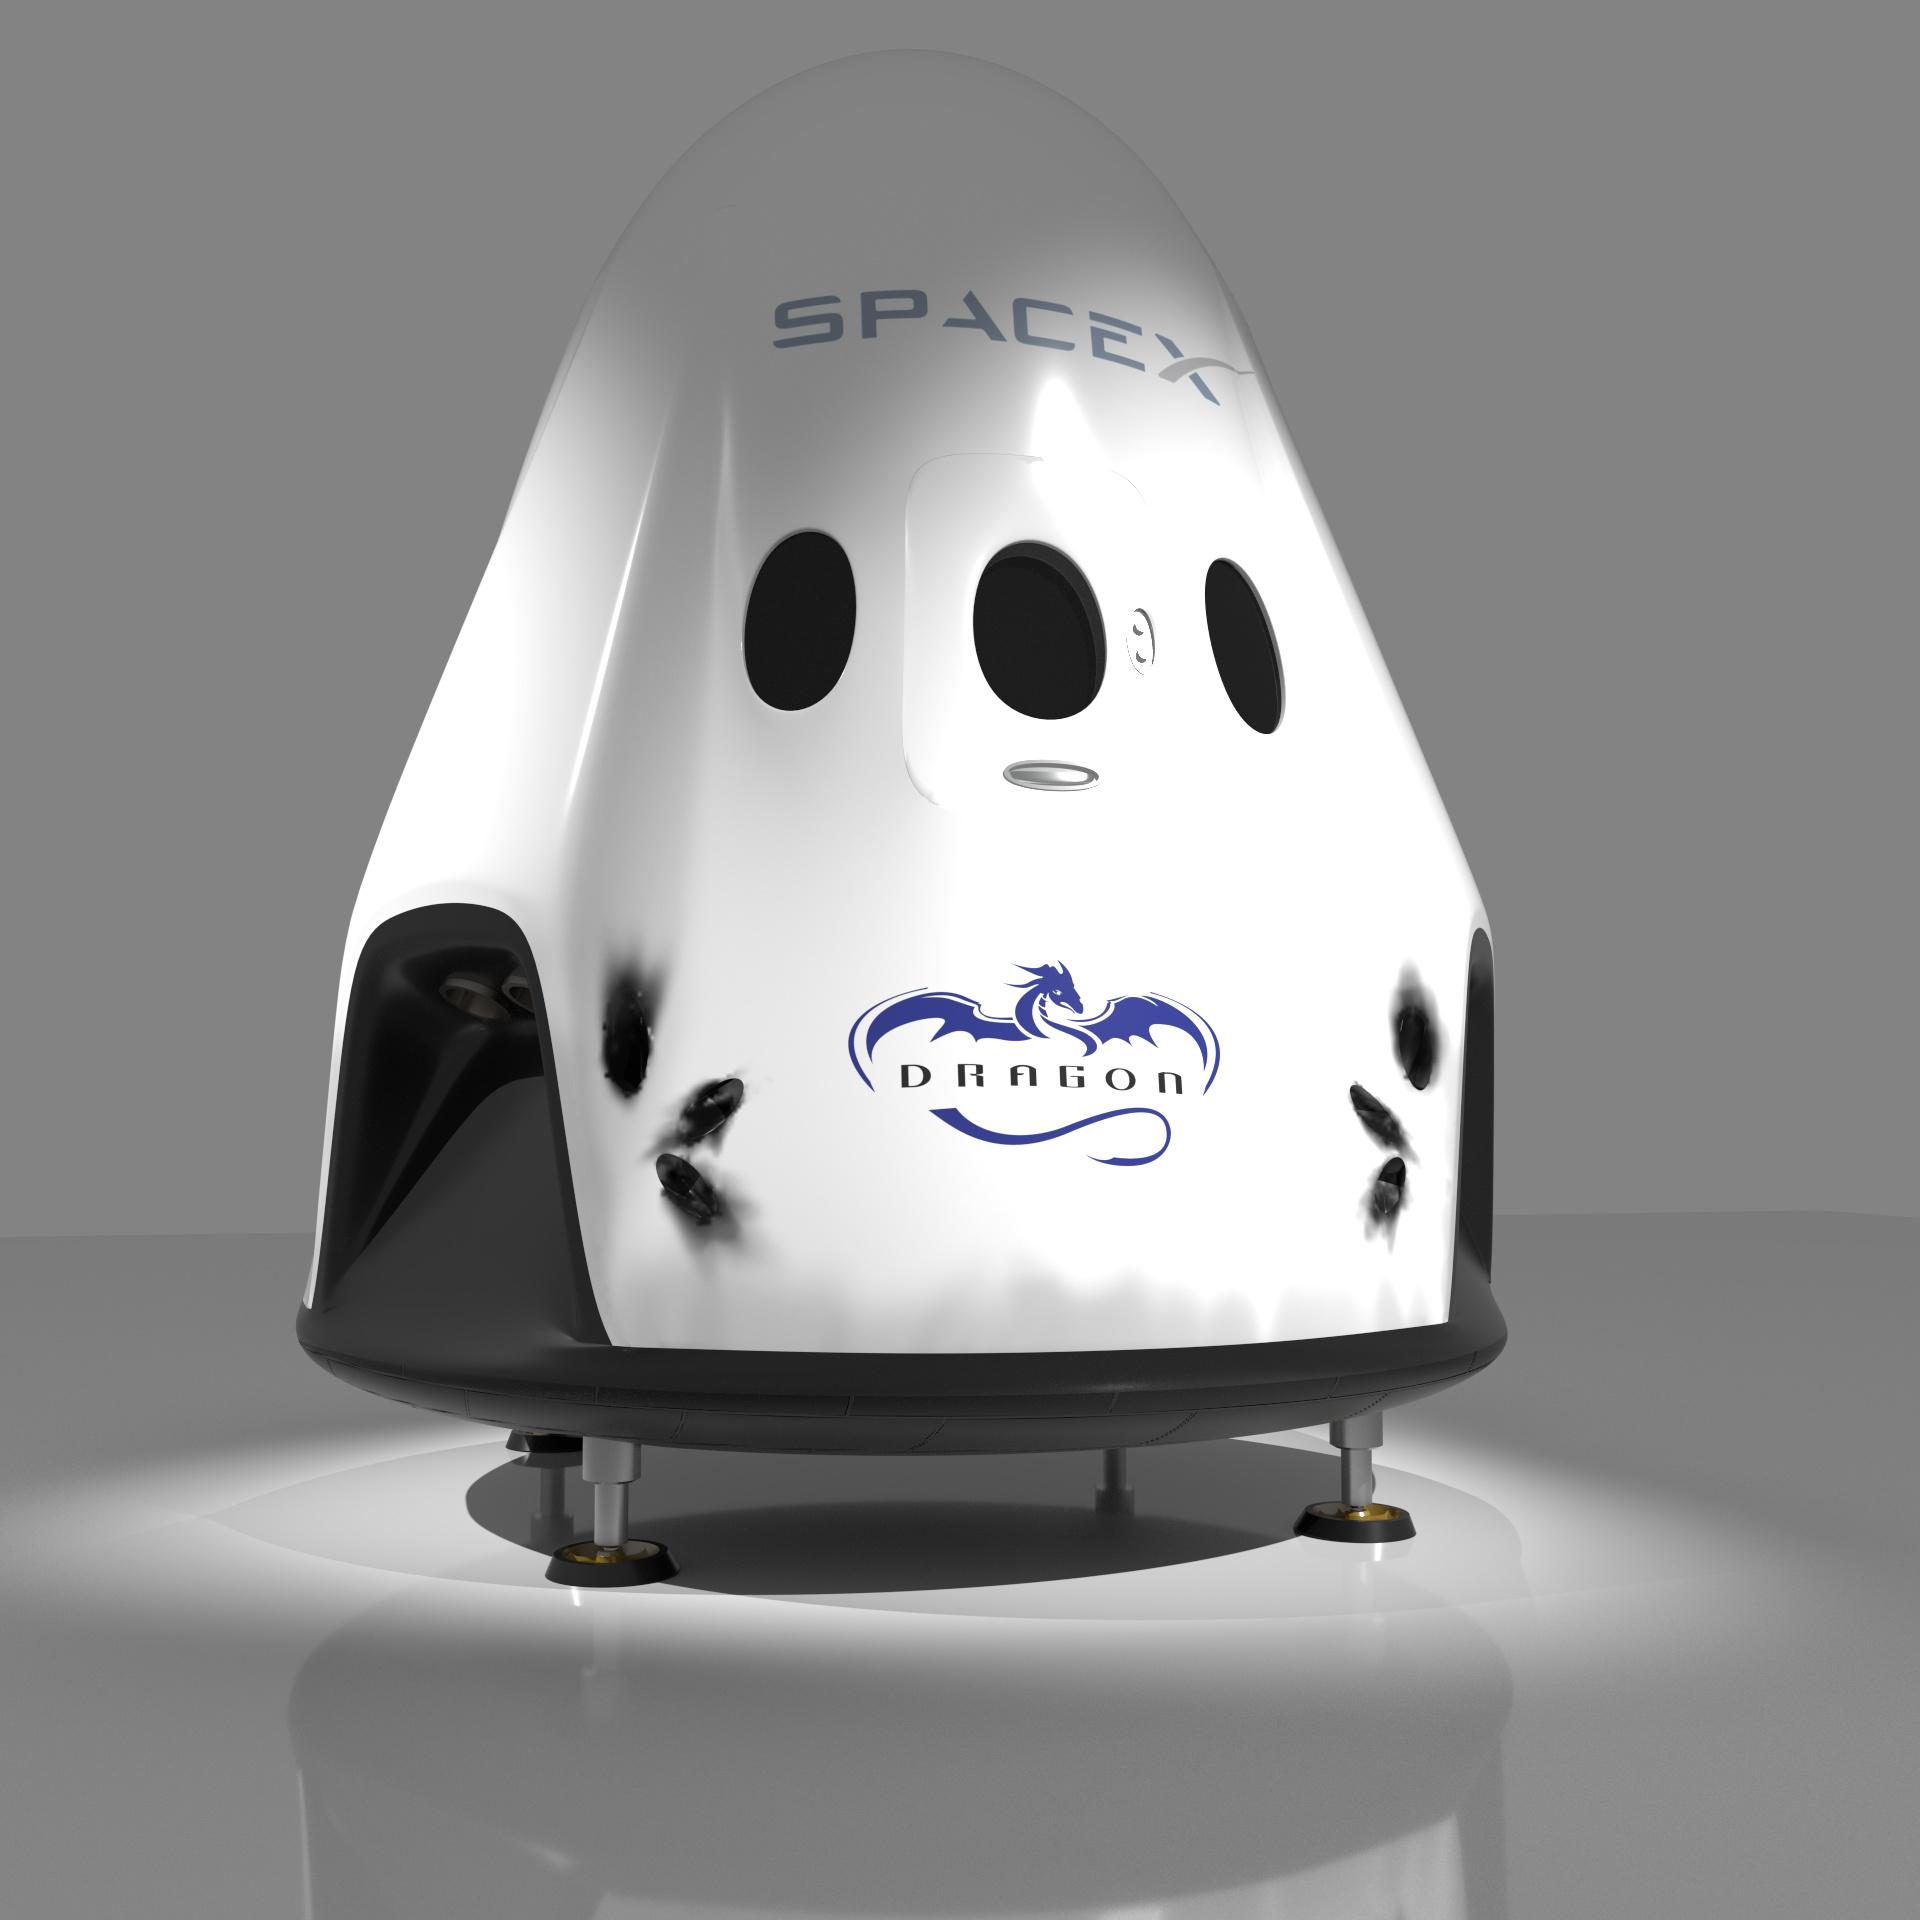 spacex dragon v2 - HD1920×1920